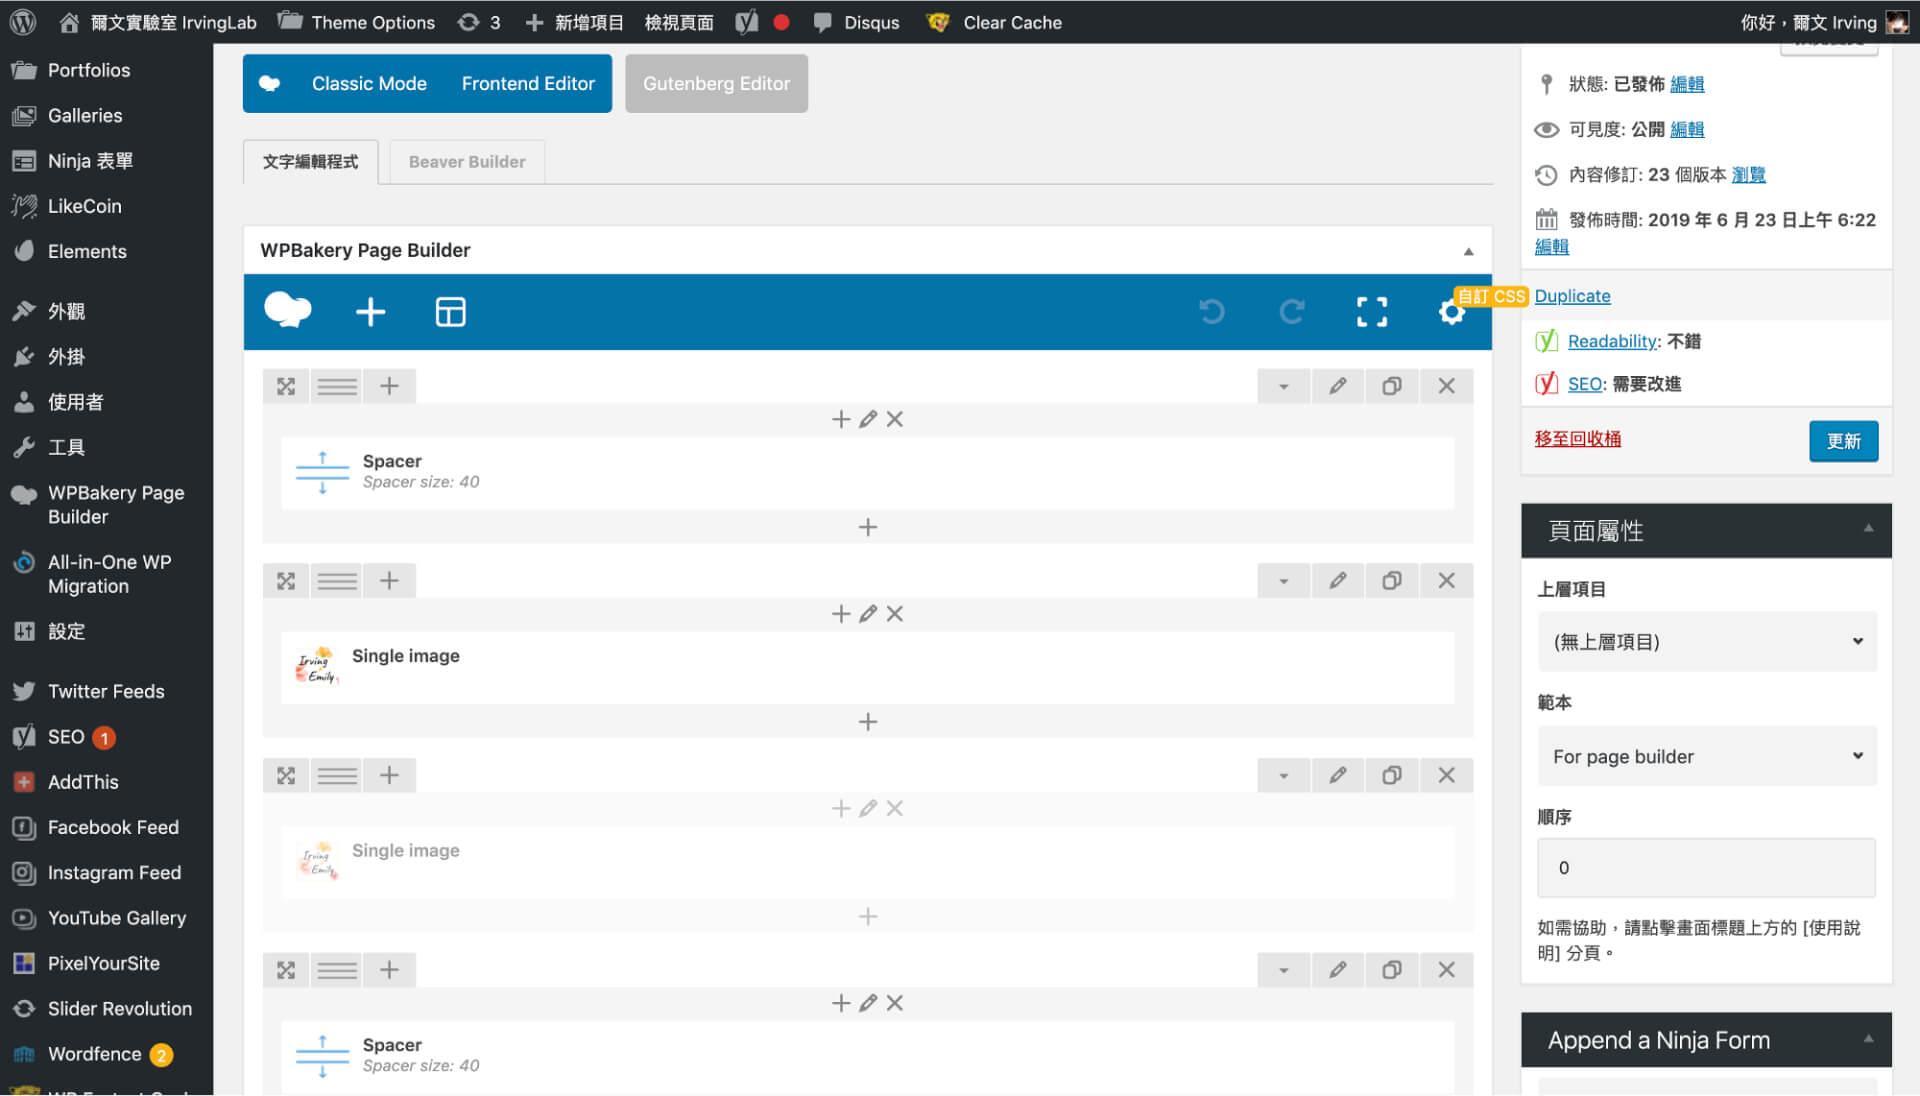 WPBakery Page Builder 外掛介面概觀